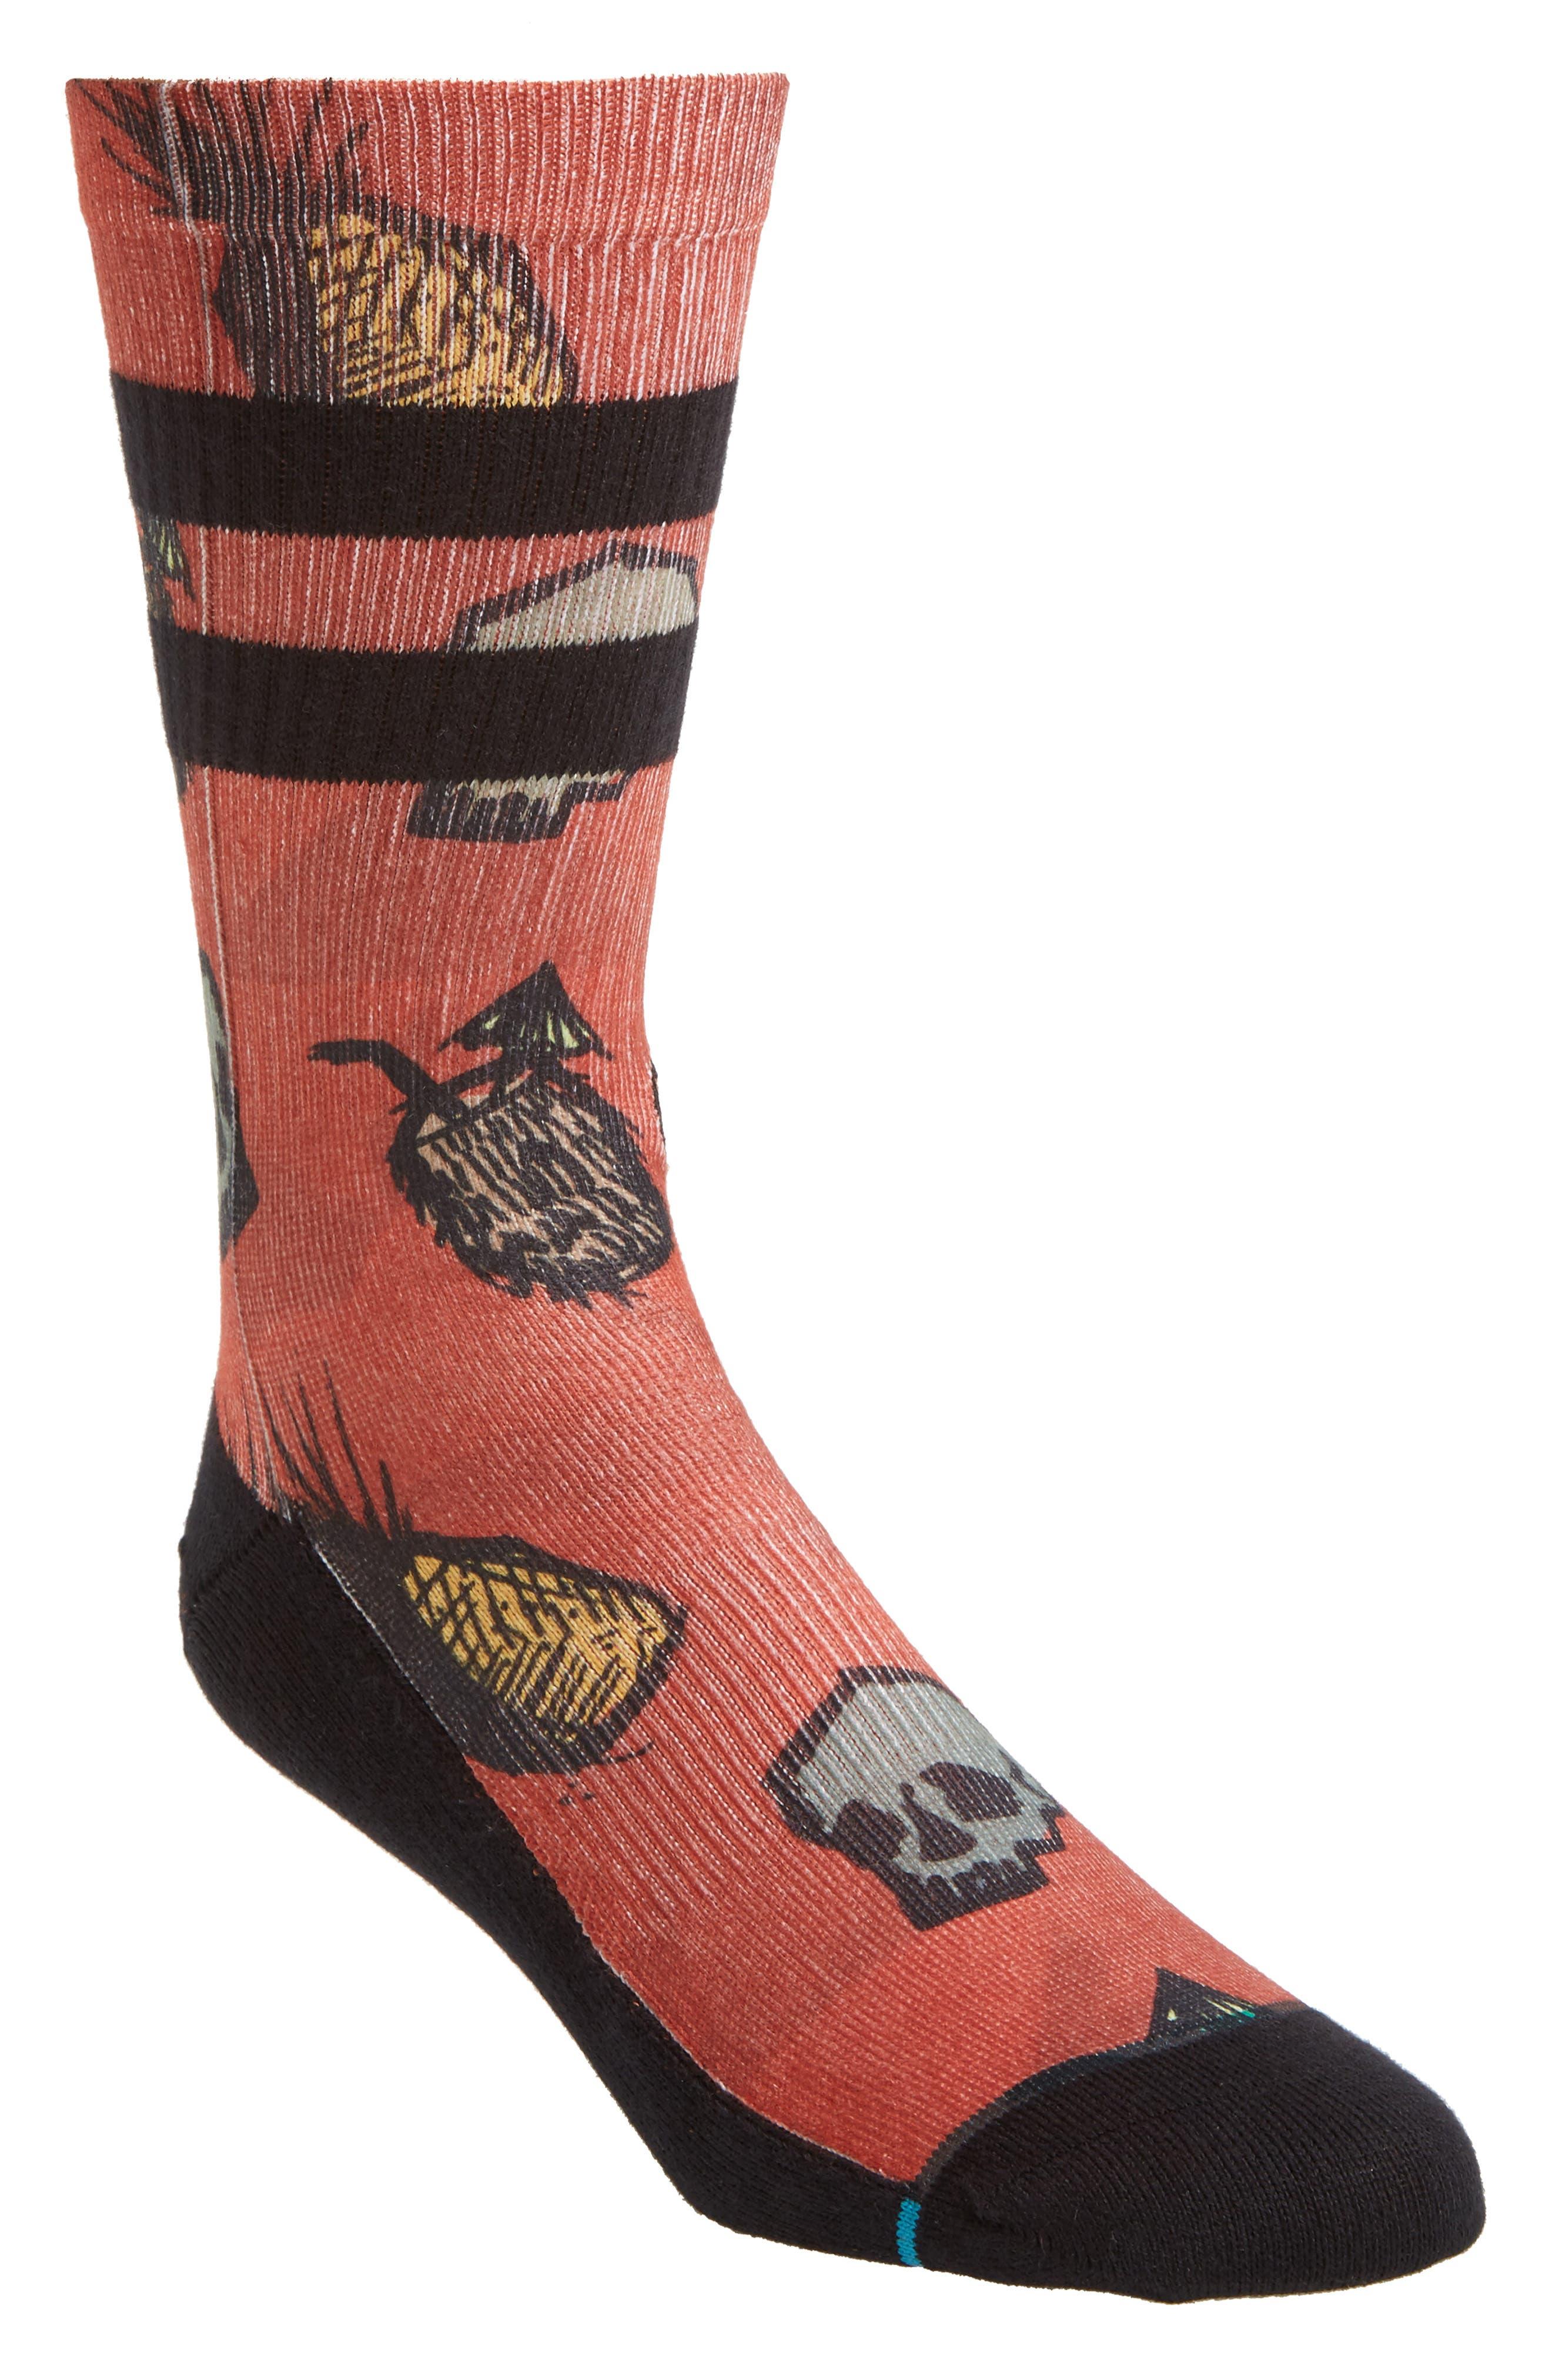 Main Image - Stance Poolboy Socks